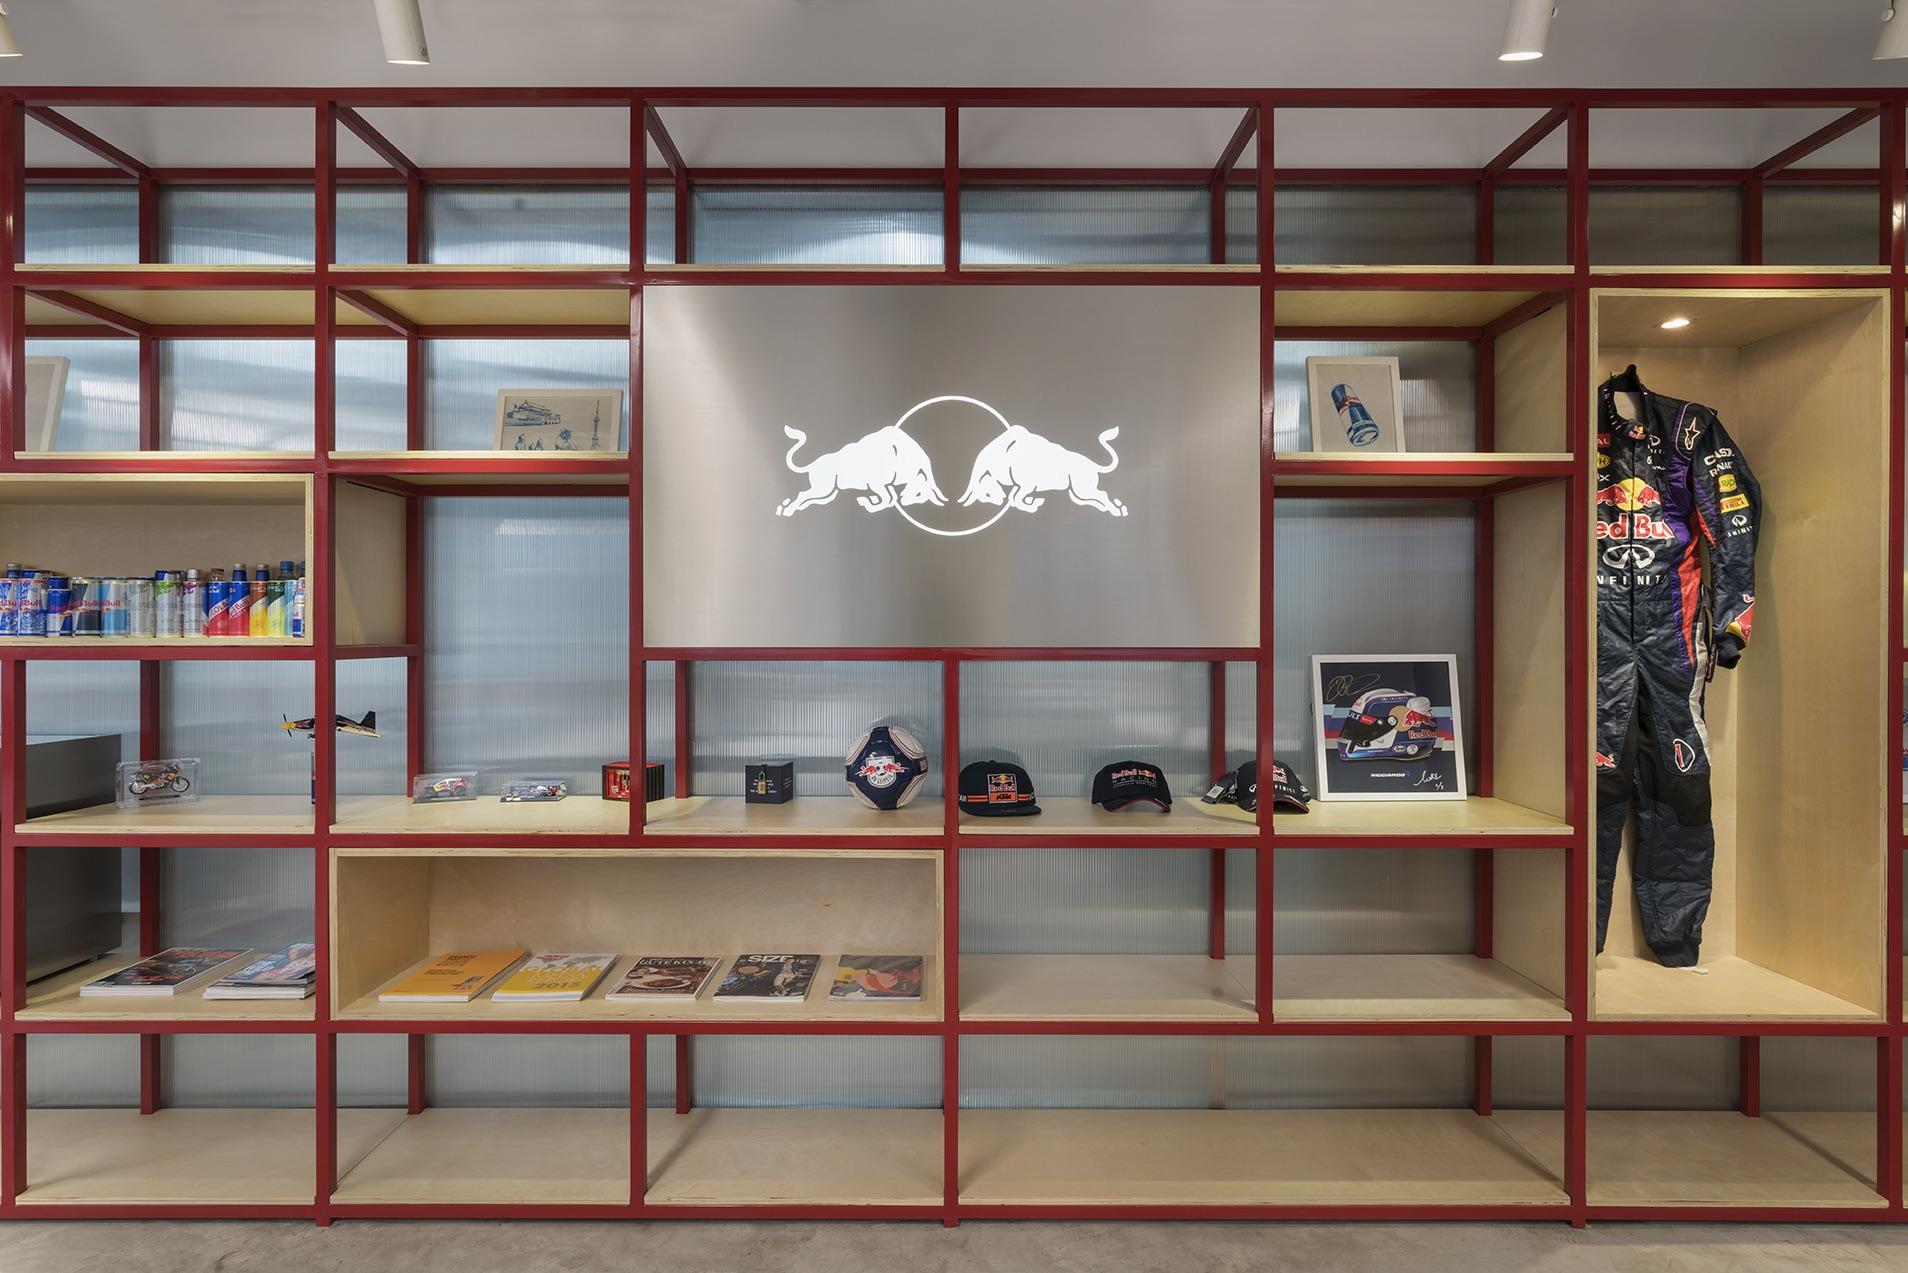 redbull-shanghai-office-8